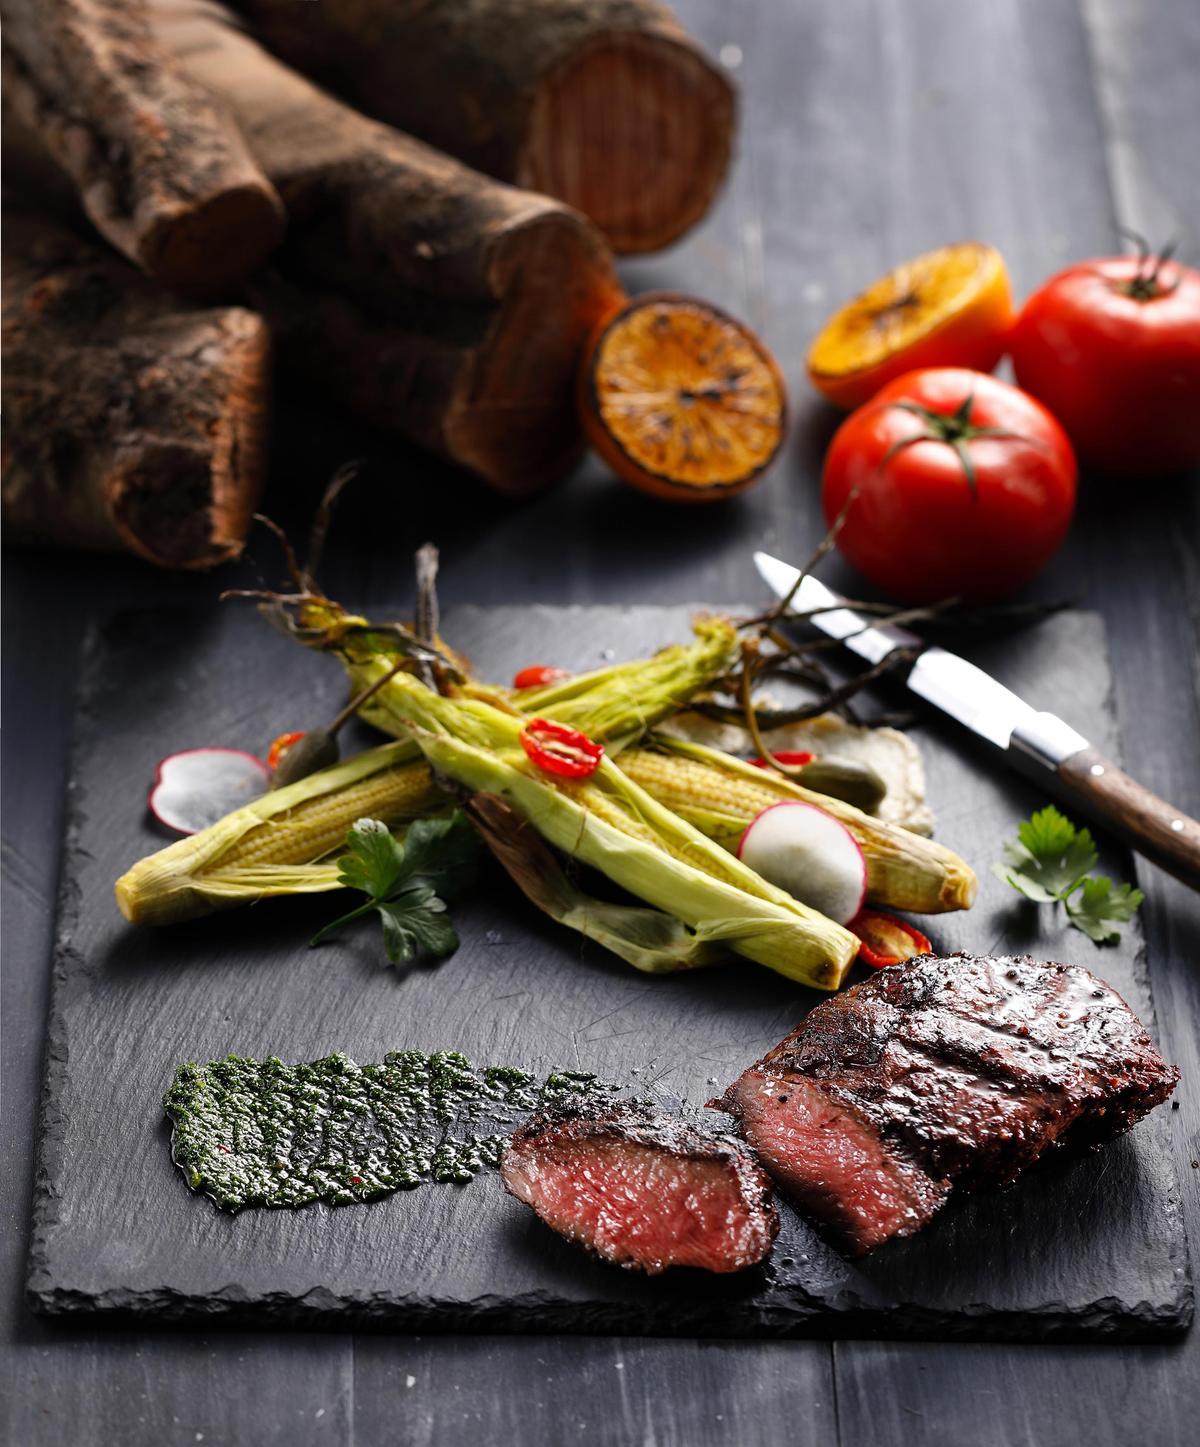 「美國Choice丹佛牛排」取牛肩胛部位製作,嚼感十足,炭香味濃,沾點用芝麻葉、巴西里與油醋調成的阿根廷醬,會多一股葉草香。(800元/份)